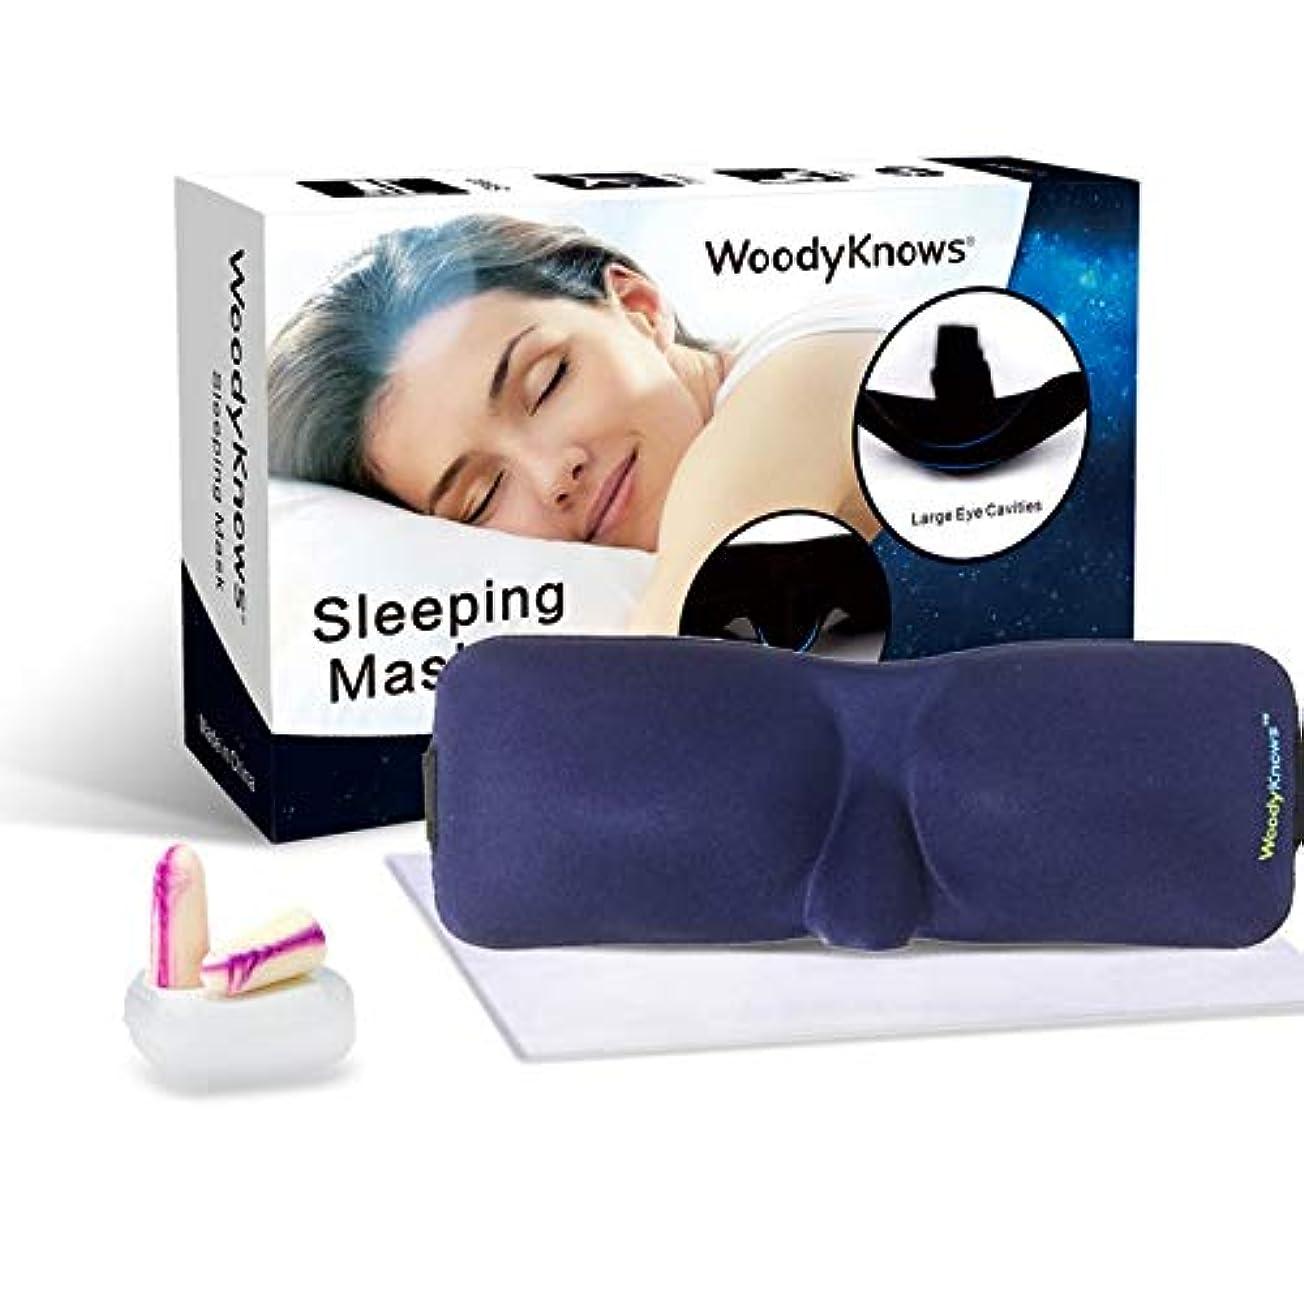 小競り合いディンカルビル費やすNOTE 旅行のためのスーパーソフトアイマスク睡眠睡眠おやすみリラクサーアイカバーパッチケースアイシェードブラインド目隠しWoodyknows